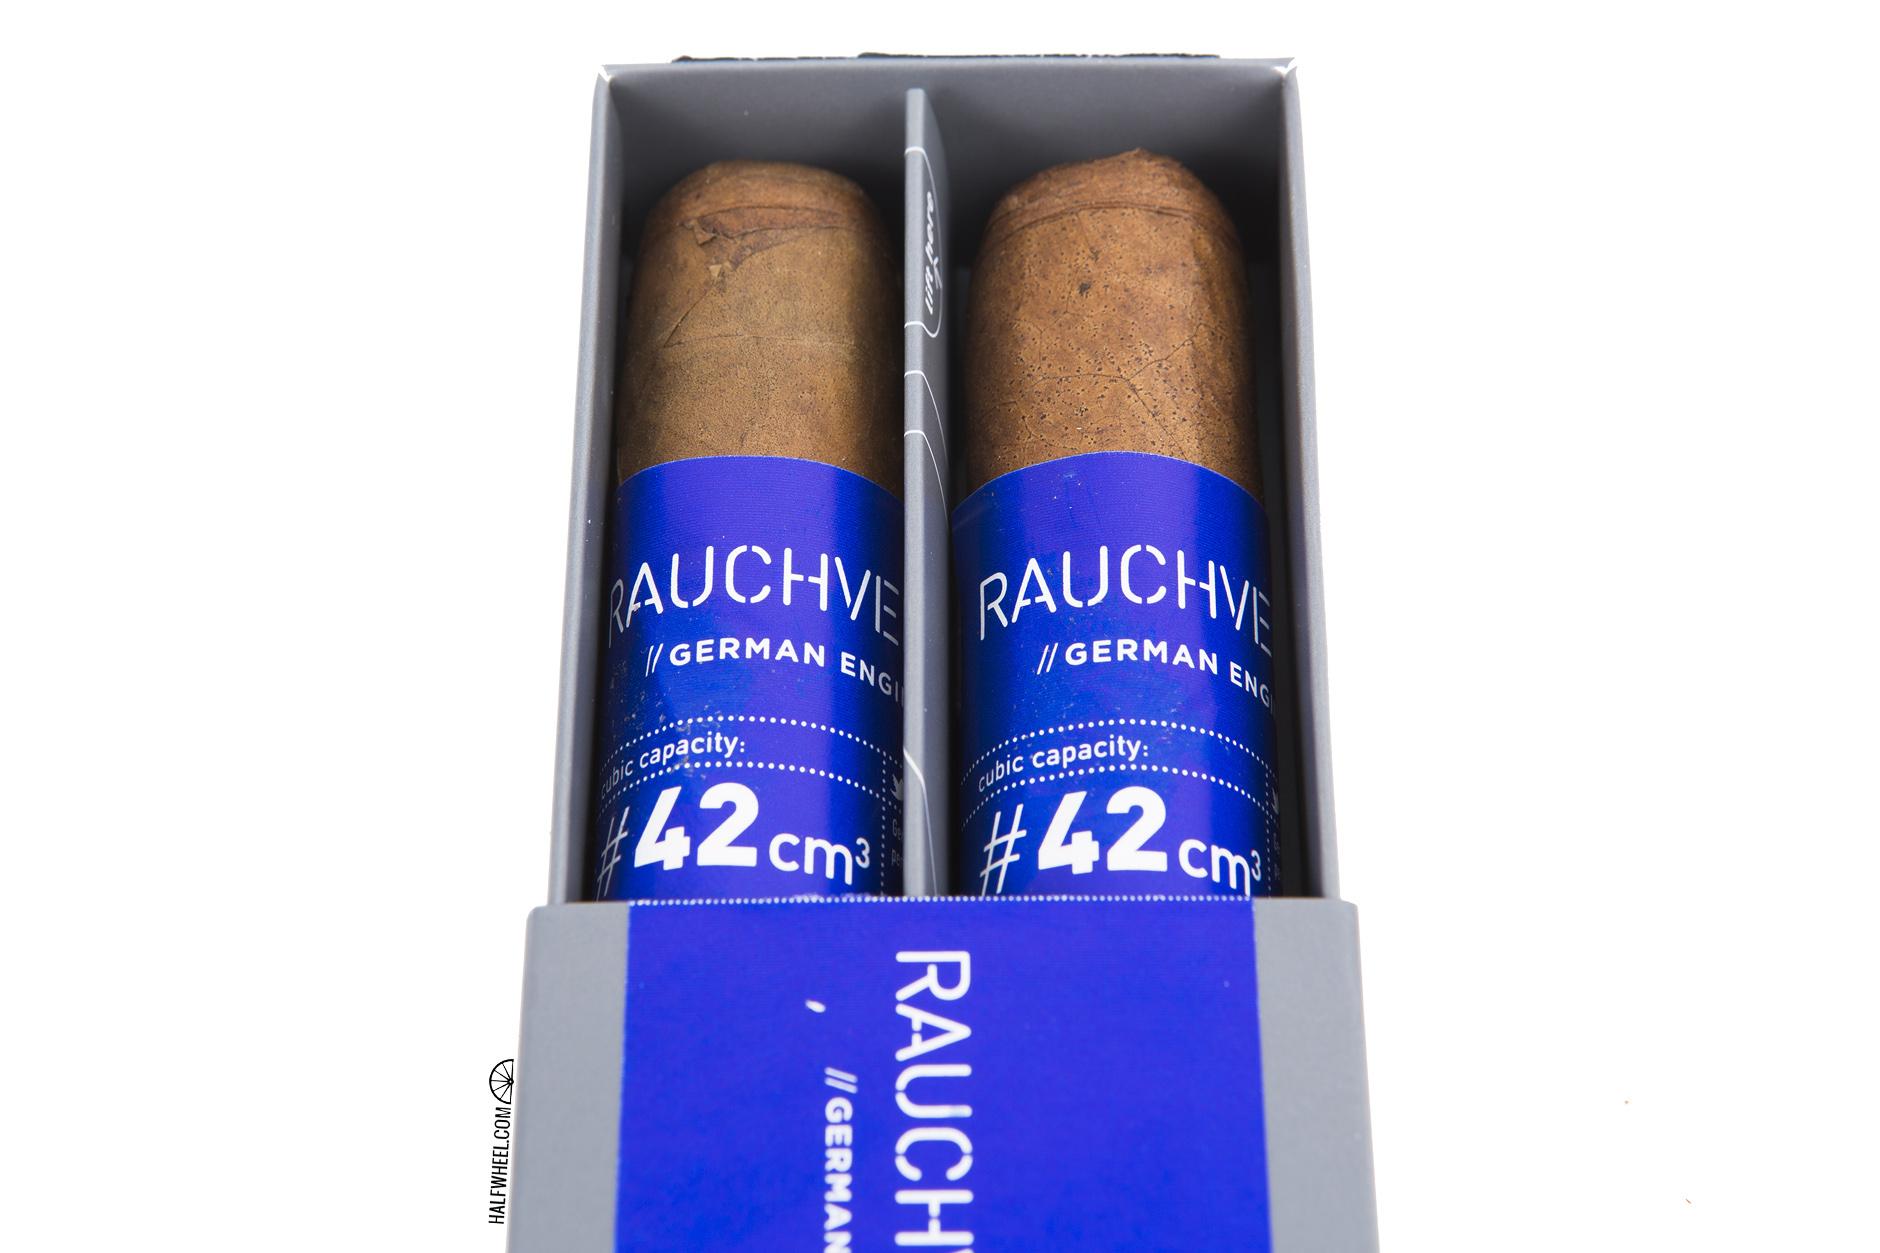 Rauchvergnugen #42 Box 3